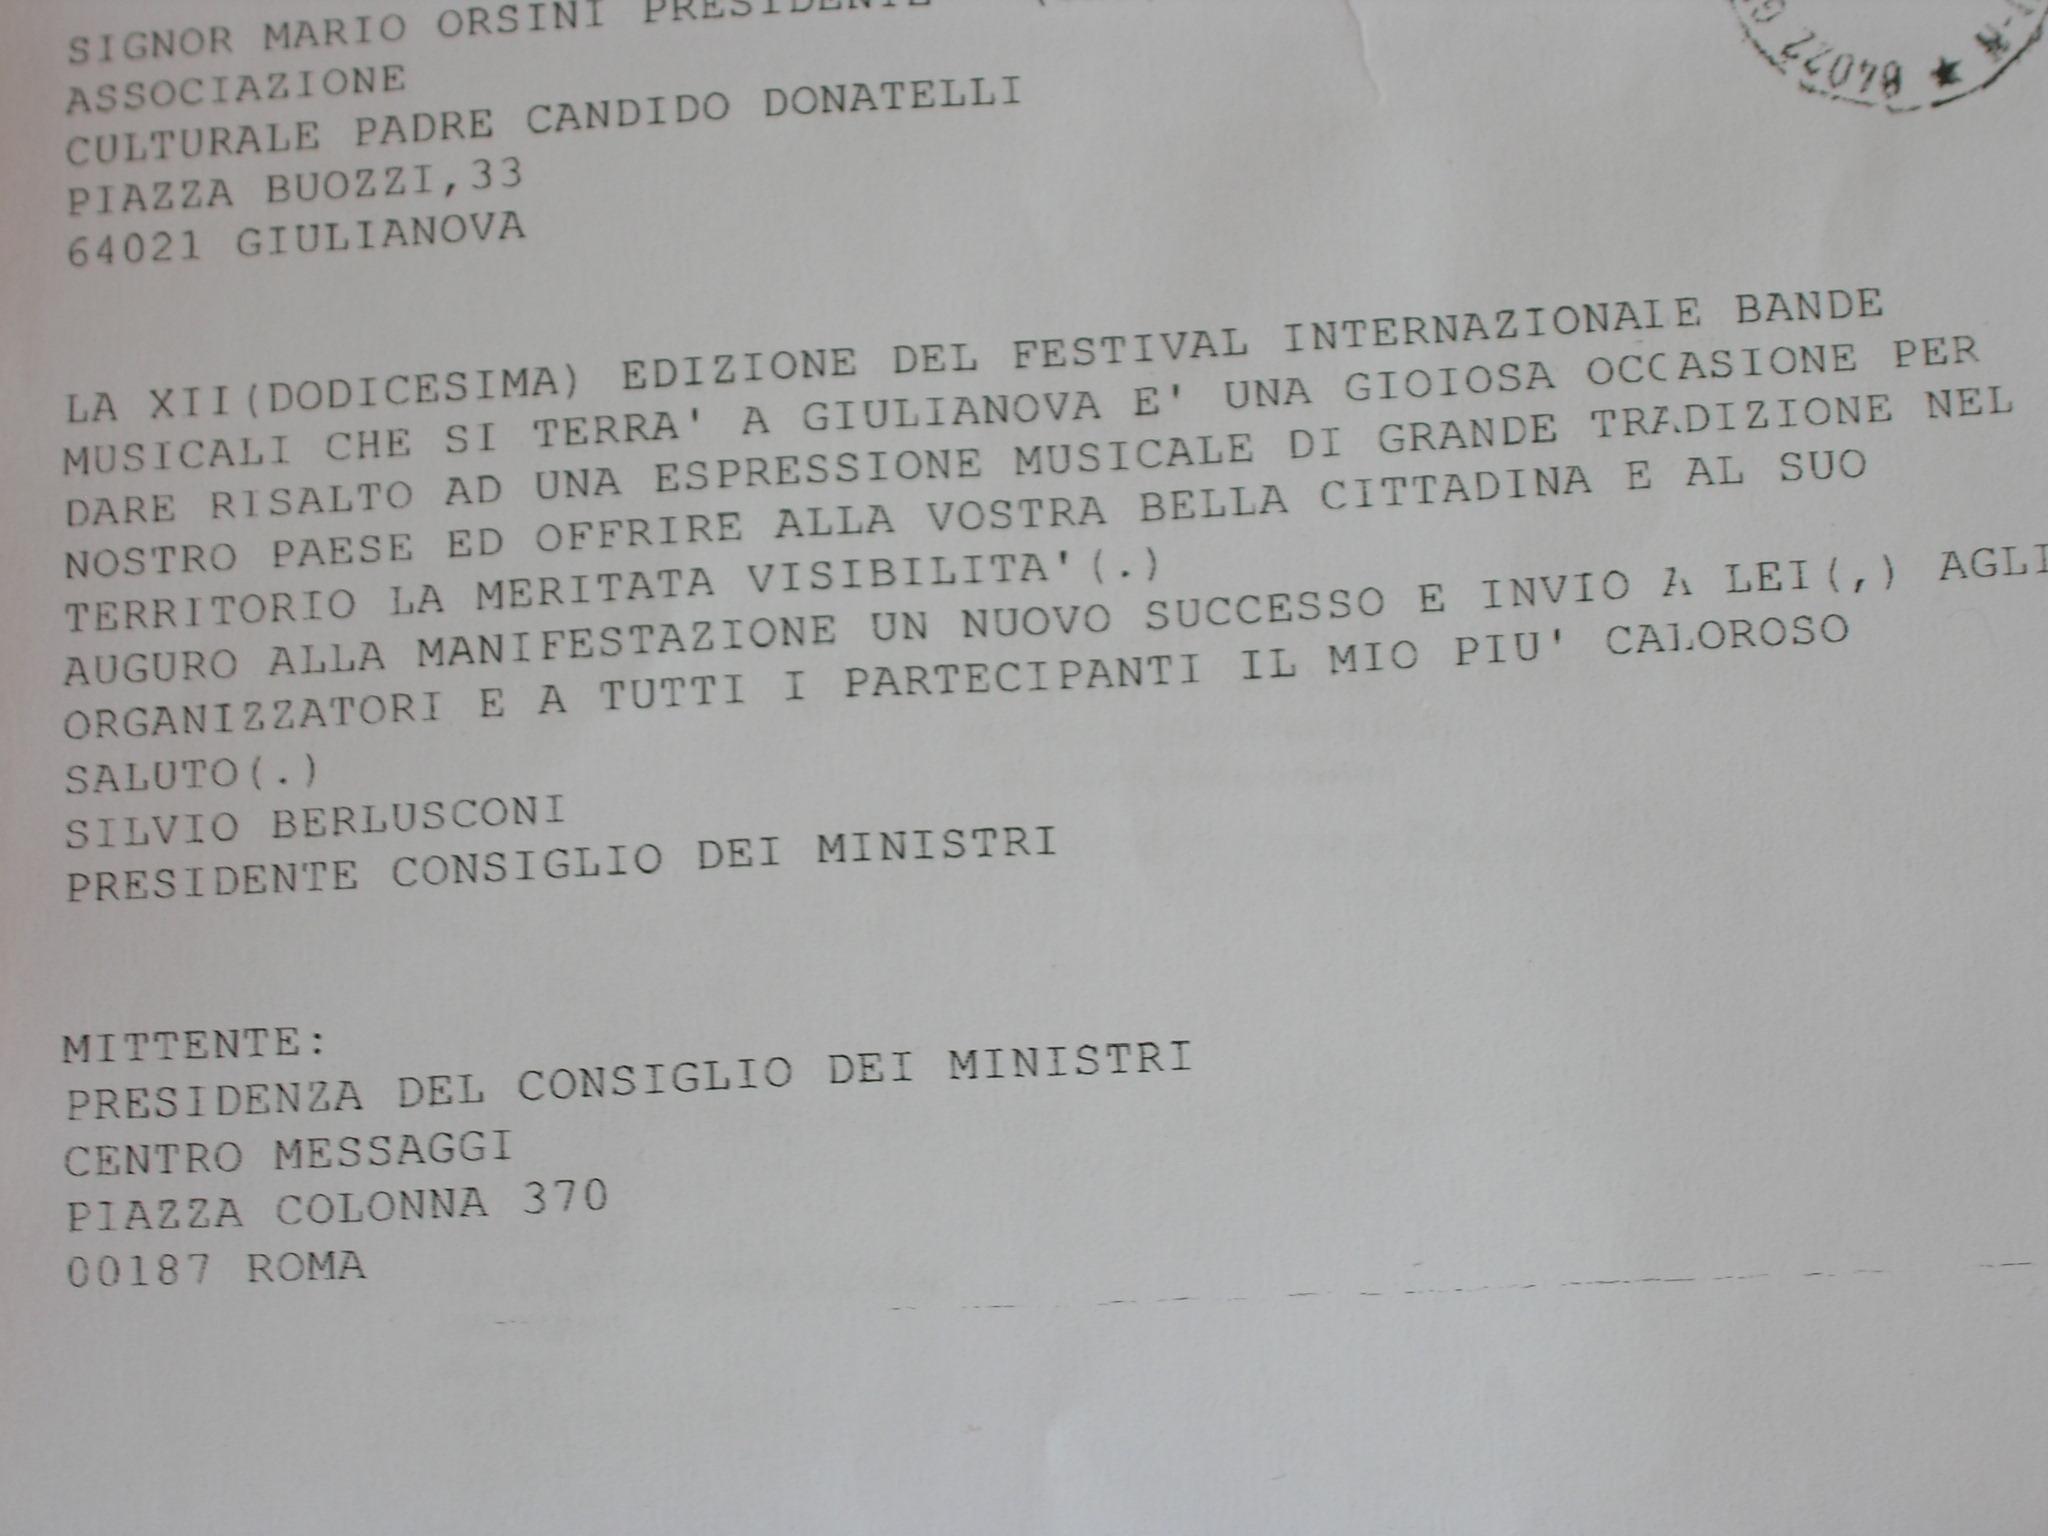 Giulianova Festival Internazionale Bande Devo Consegnare Un